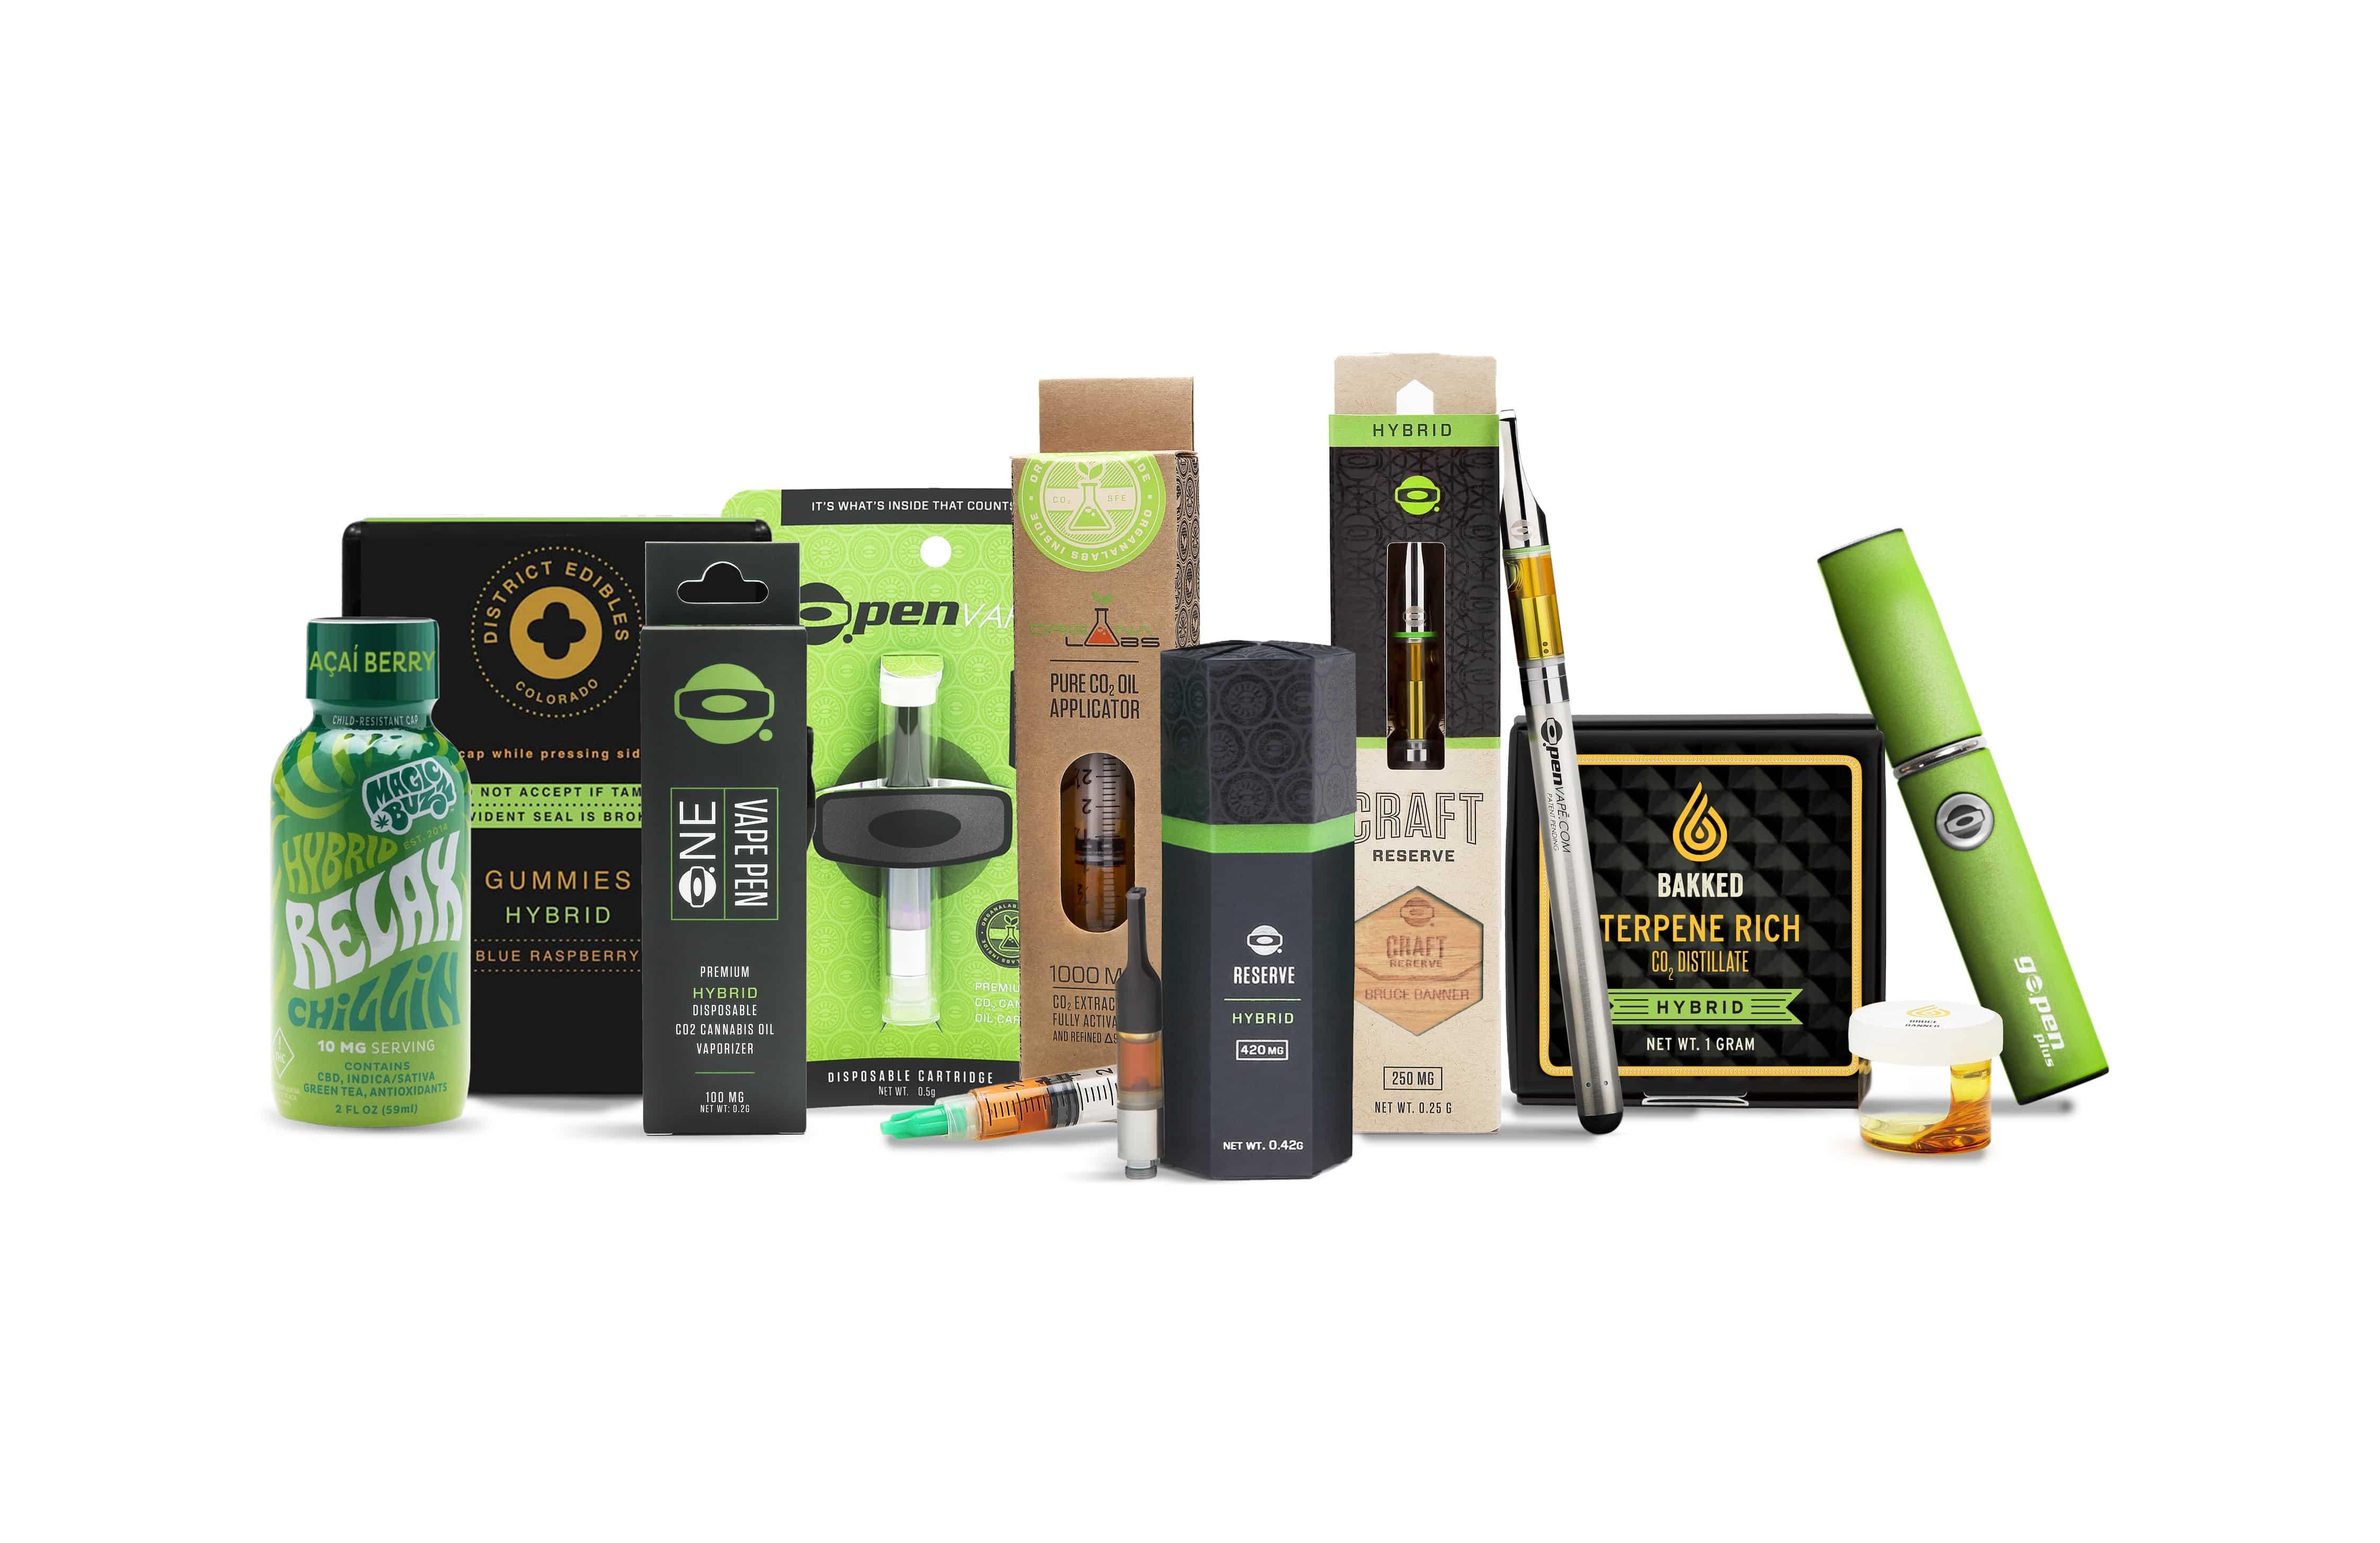 Nación Cannabis | Organa Brands florece en industria de la marihuana